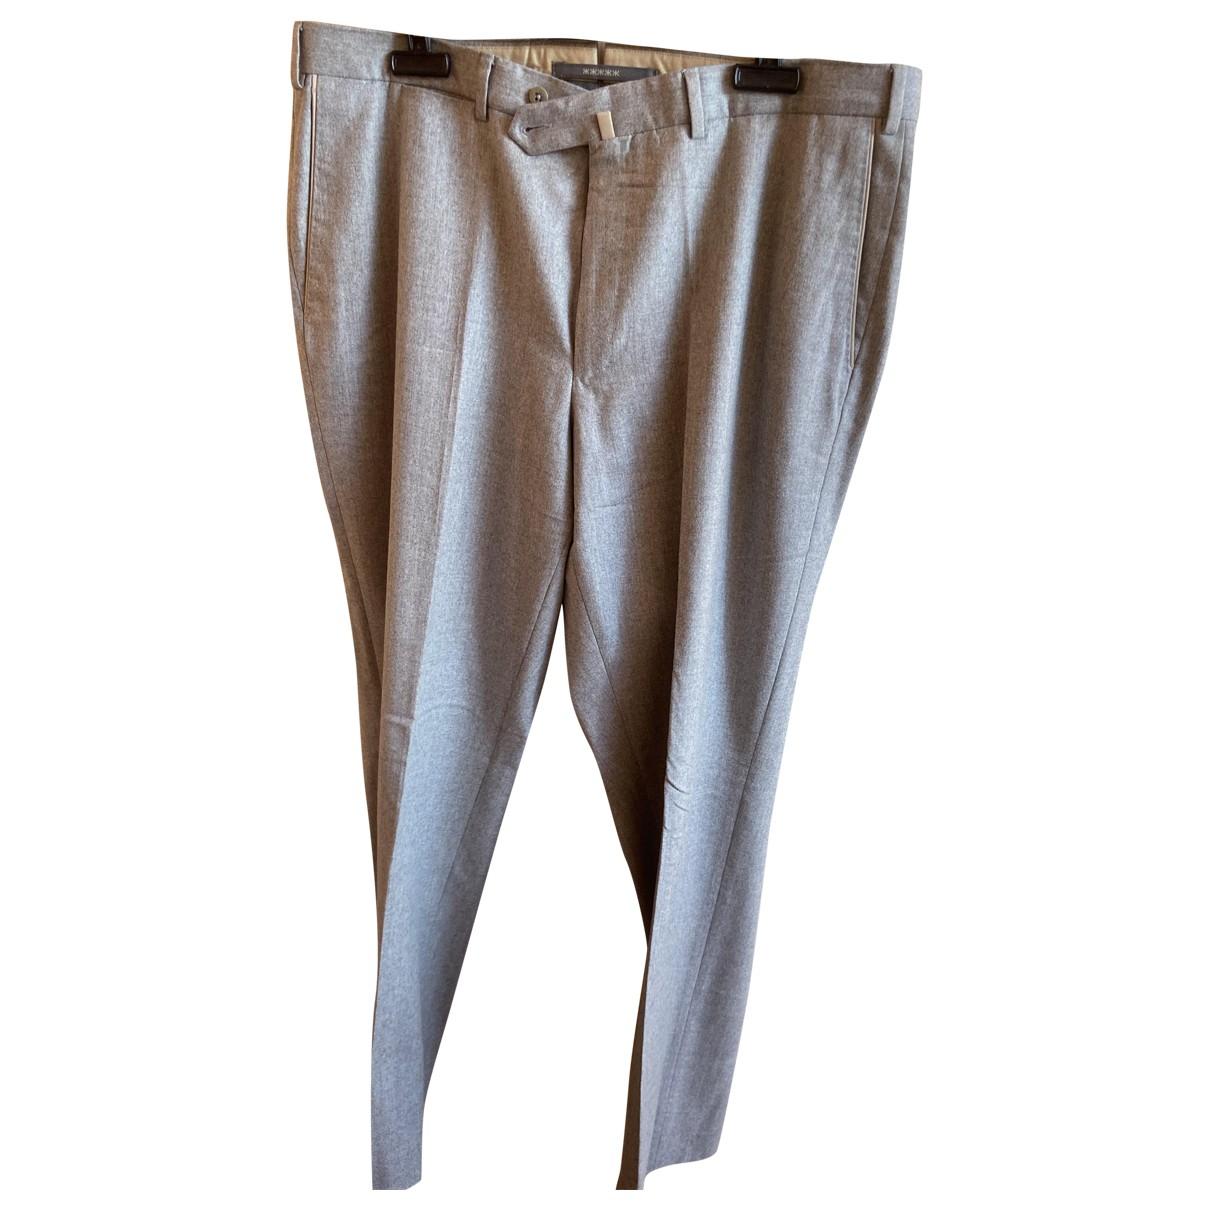 Pantalon de Lana Ermenegildo Zegna